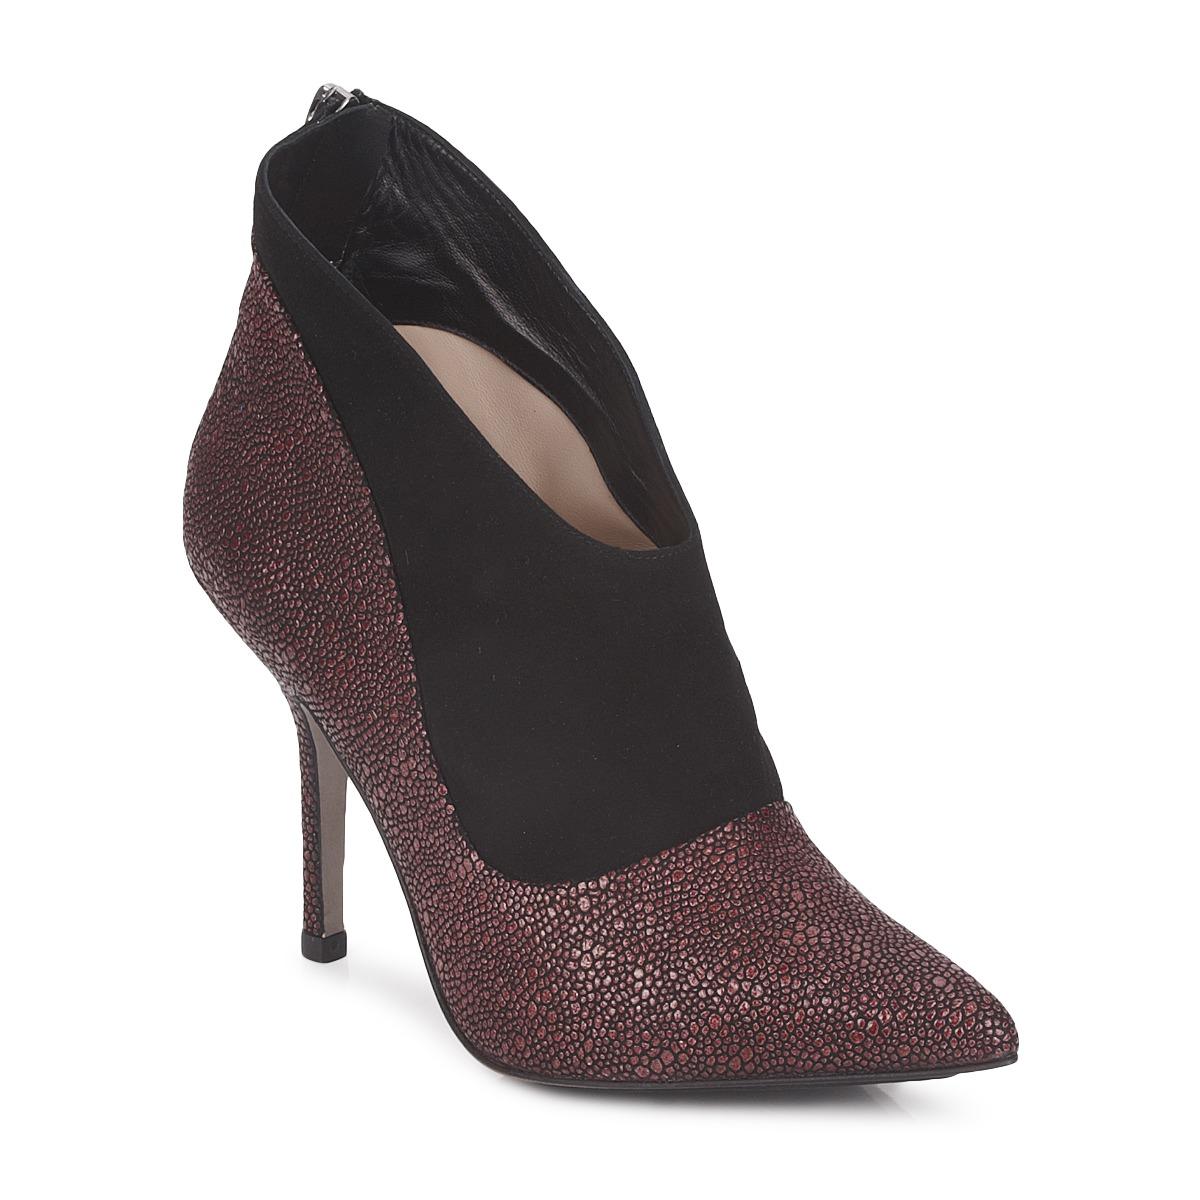 Paco Gil BILINE Bordeaux / Schwarz - Kostenloser Versand bei Spartoode ! - Schuhe Ankle Boots Damen 153,00 €